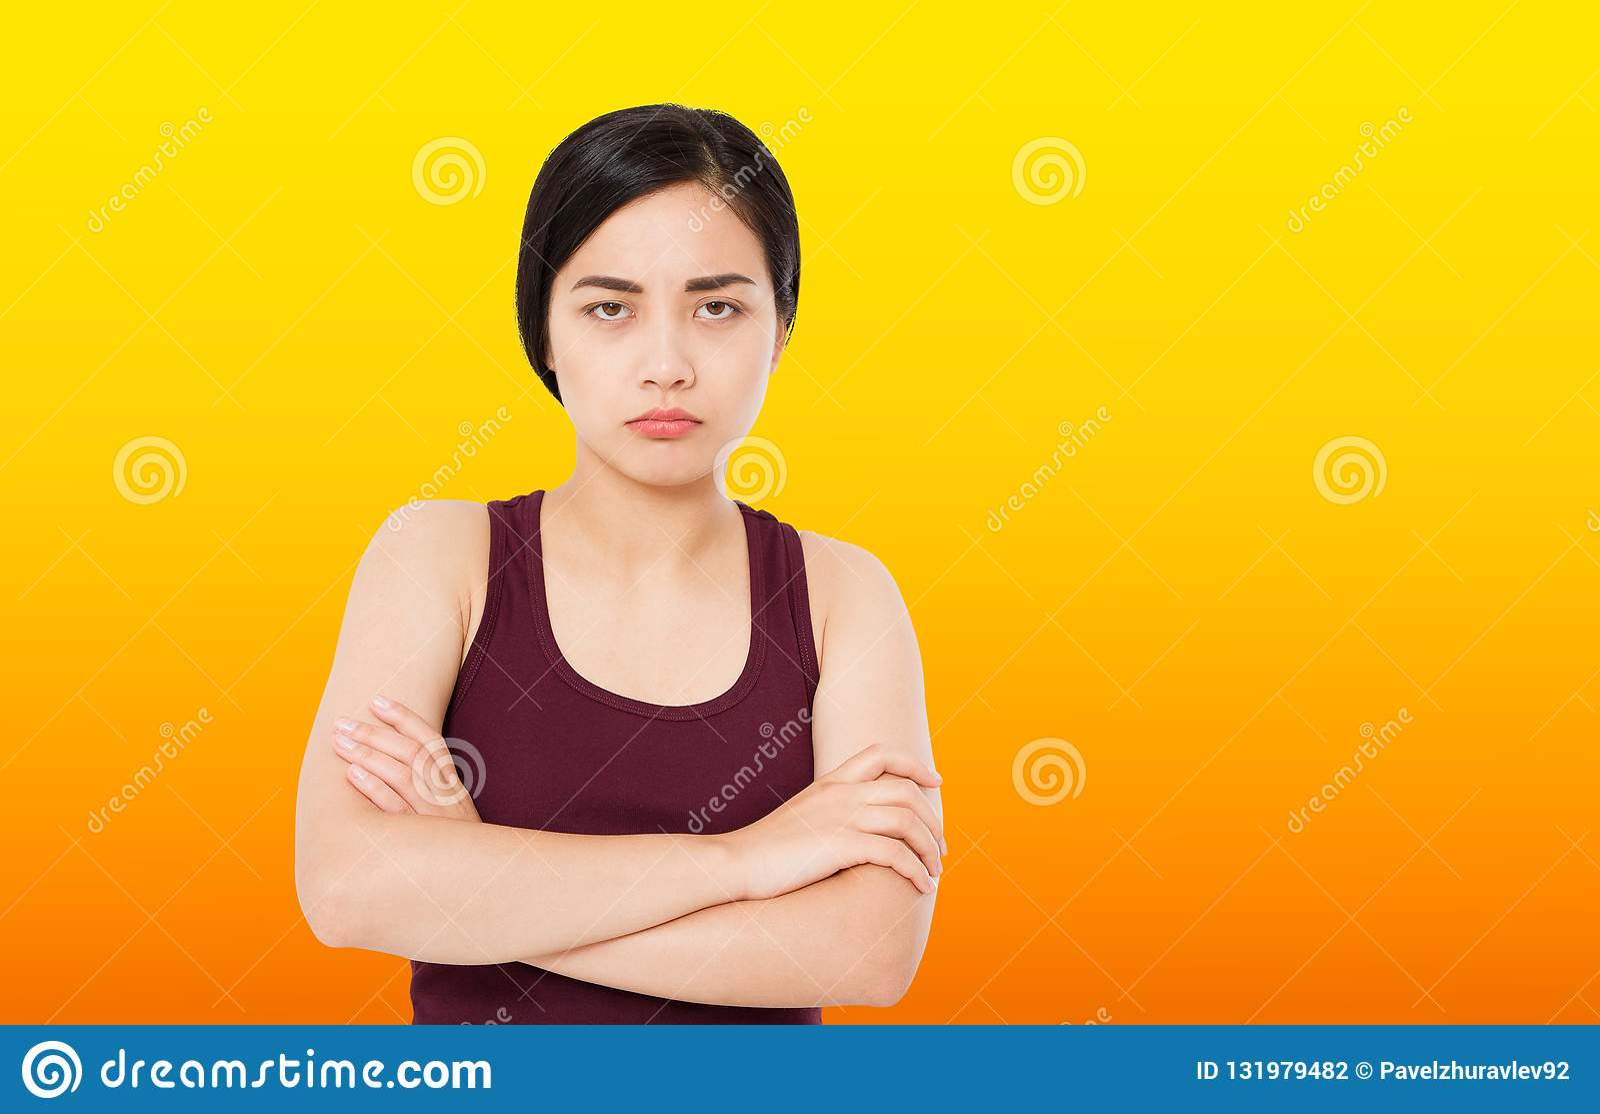 Sembrare serio e responsabile della giovane bella donna triste coreana sensibilità preoccupata e premurosa di espressione faccial